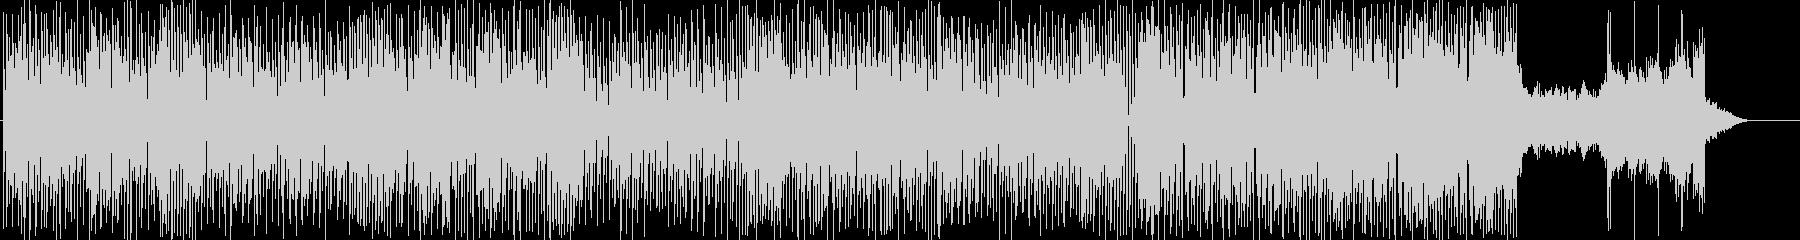 和風なハウスミュージックの未再生の波形